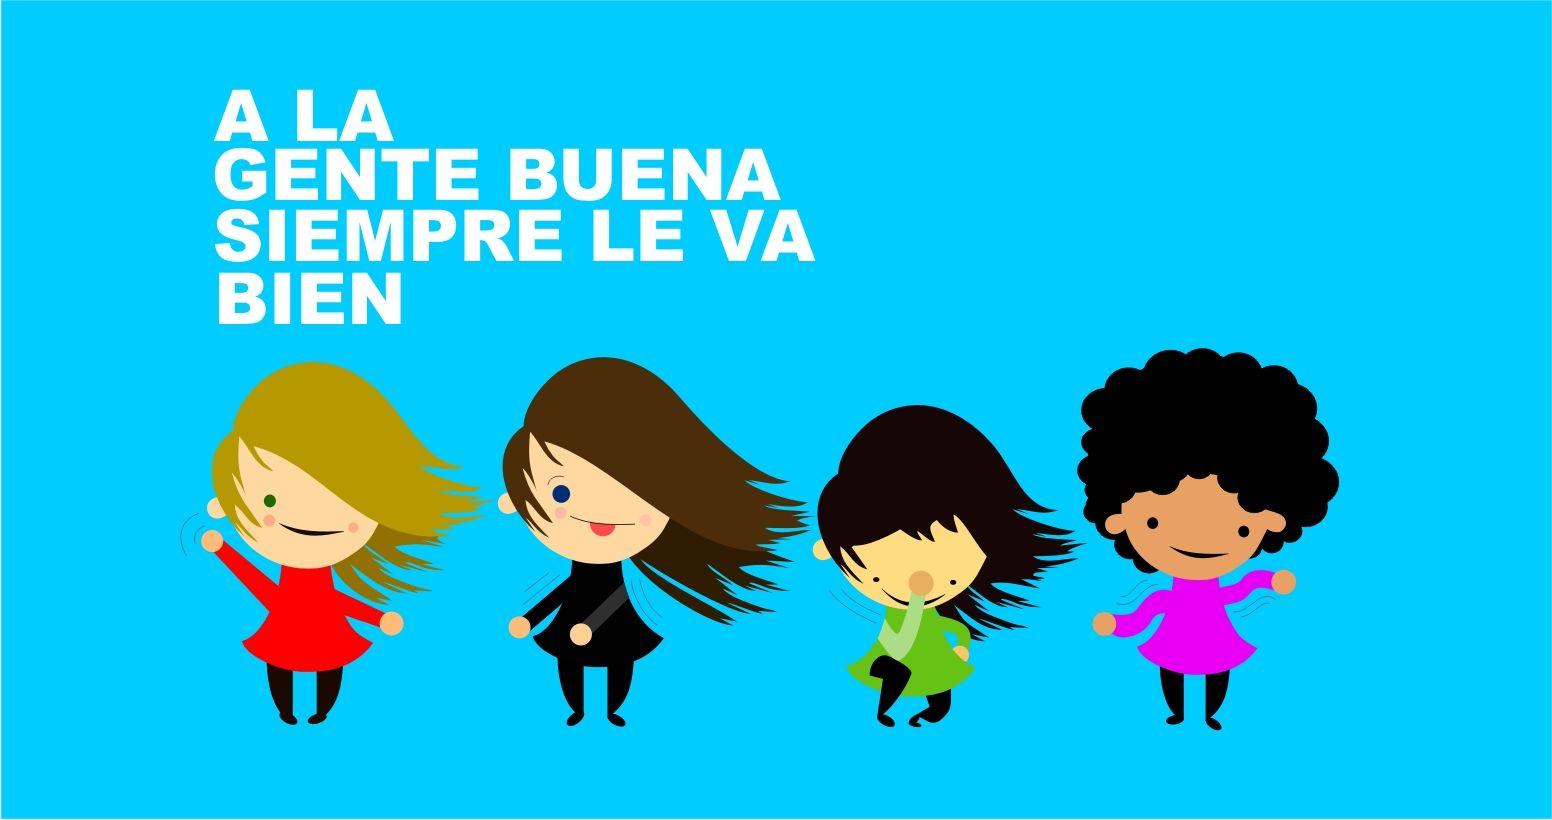 Para la gente buena...  Ilustrador / Illustrator: Álvaro del Castillo